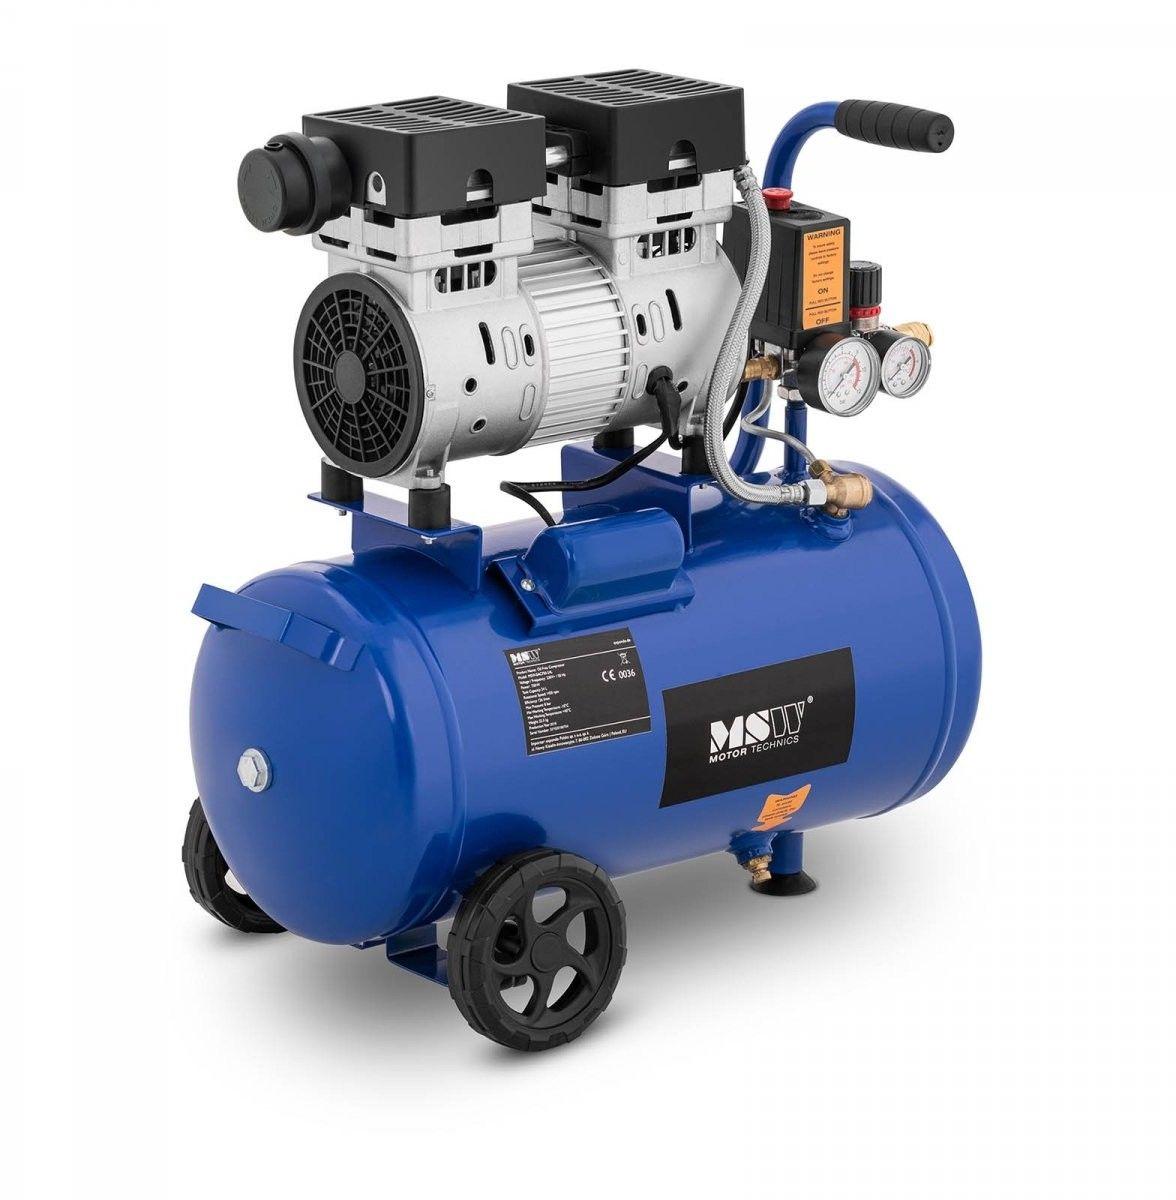 Kompresor bezolejowy - 750 W - 24 l - 8 bar - MSW - MSW-0AC750-24L - 3 lata gwarancji/wysyłka w 24h